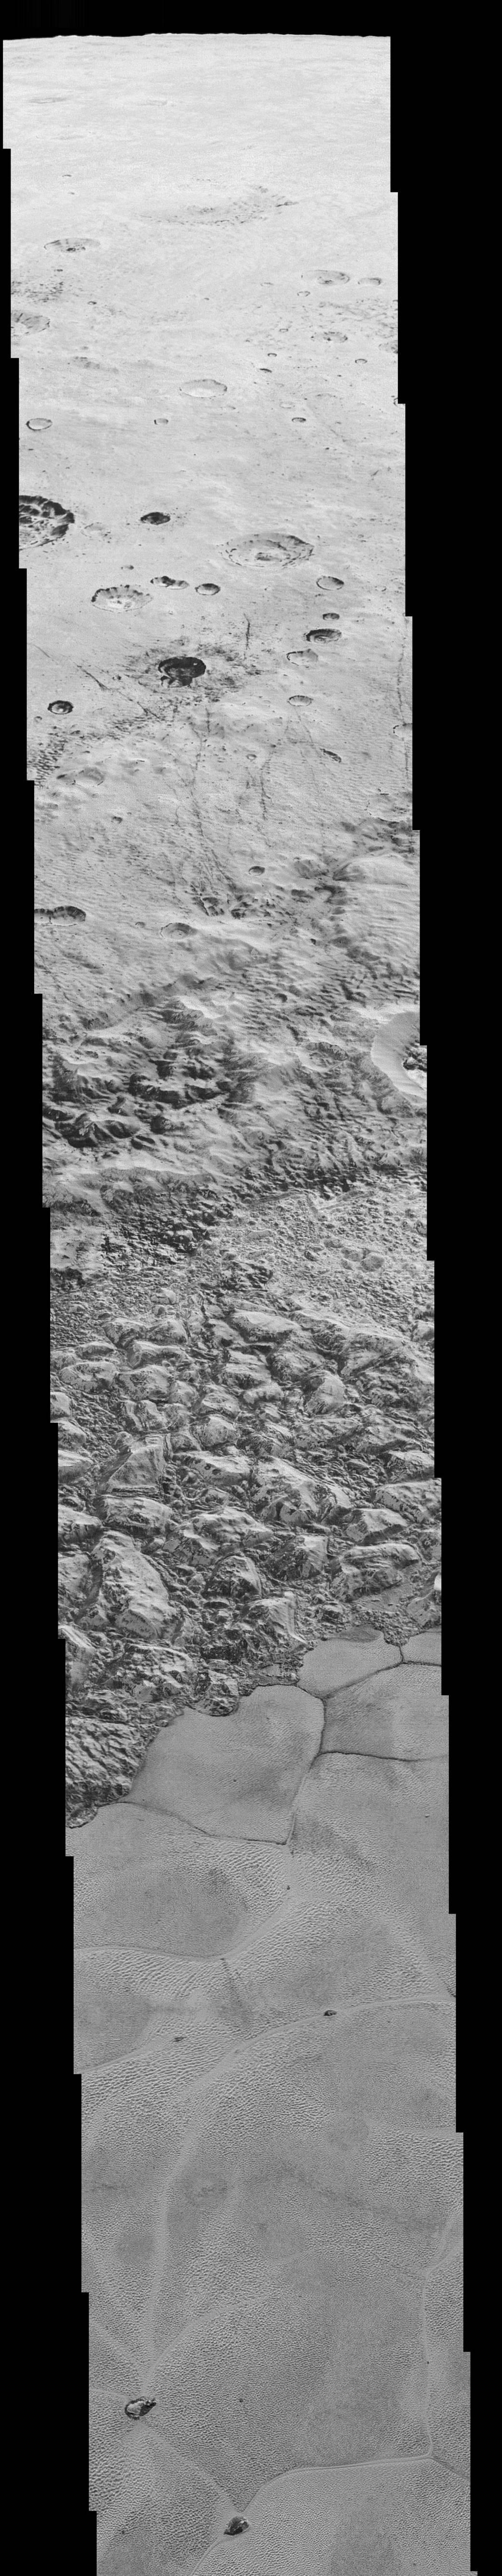 Crediti: NASA / JHUAPL / SwRI